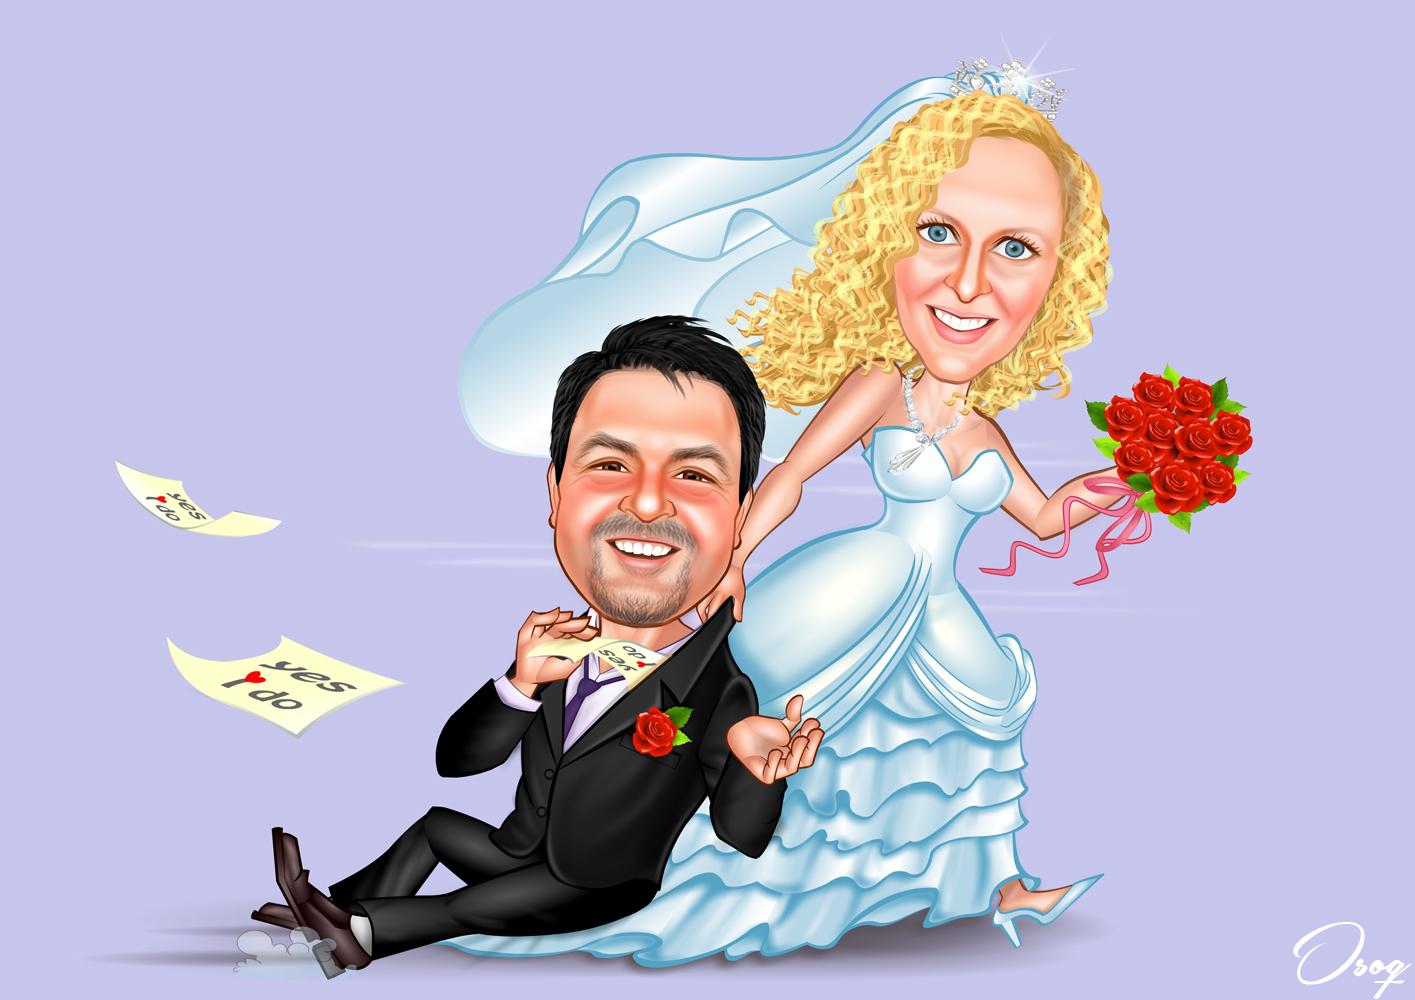 Руками, смешные рисованные картинки к свадьбе